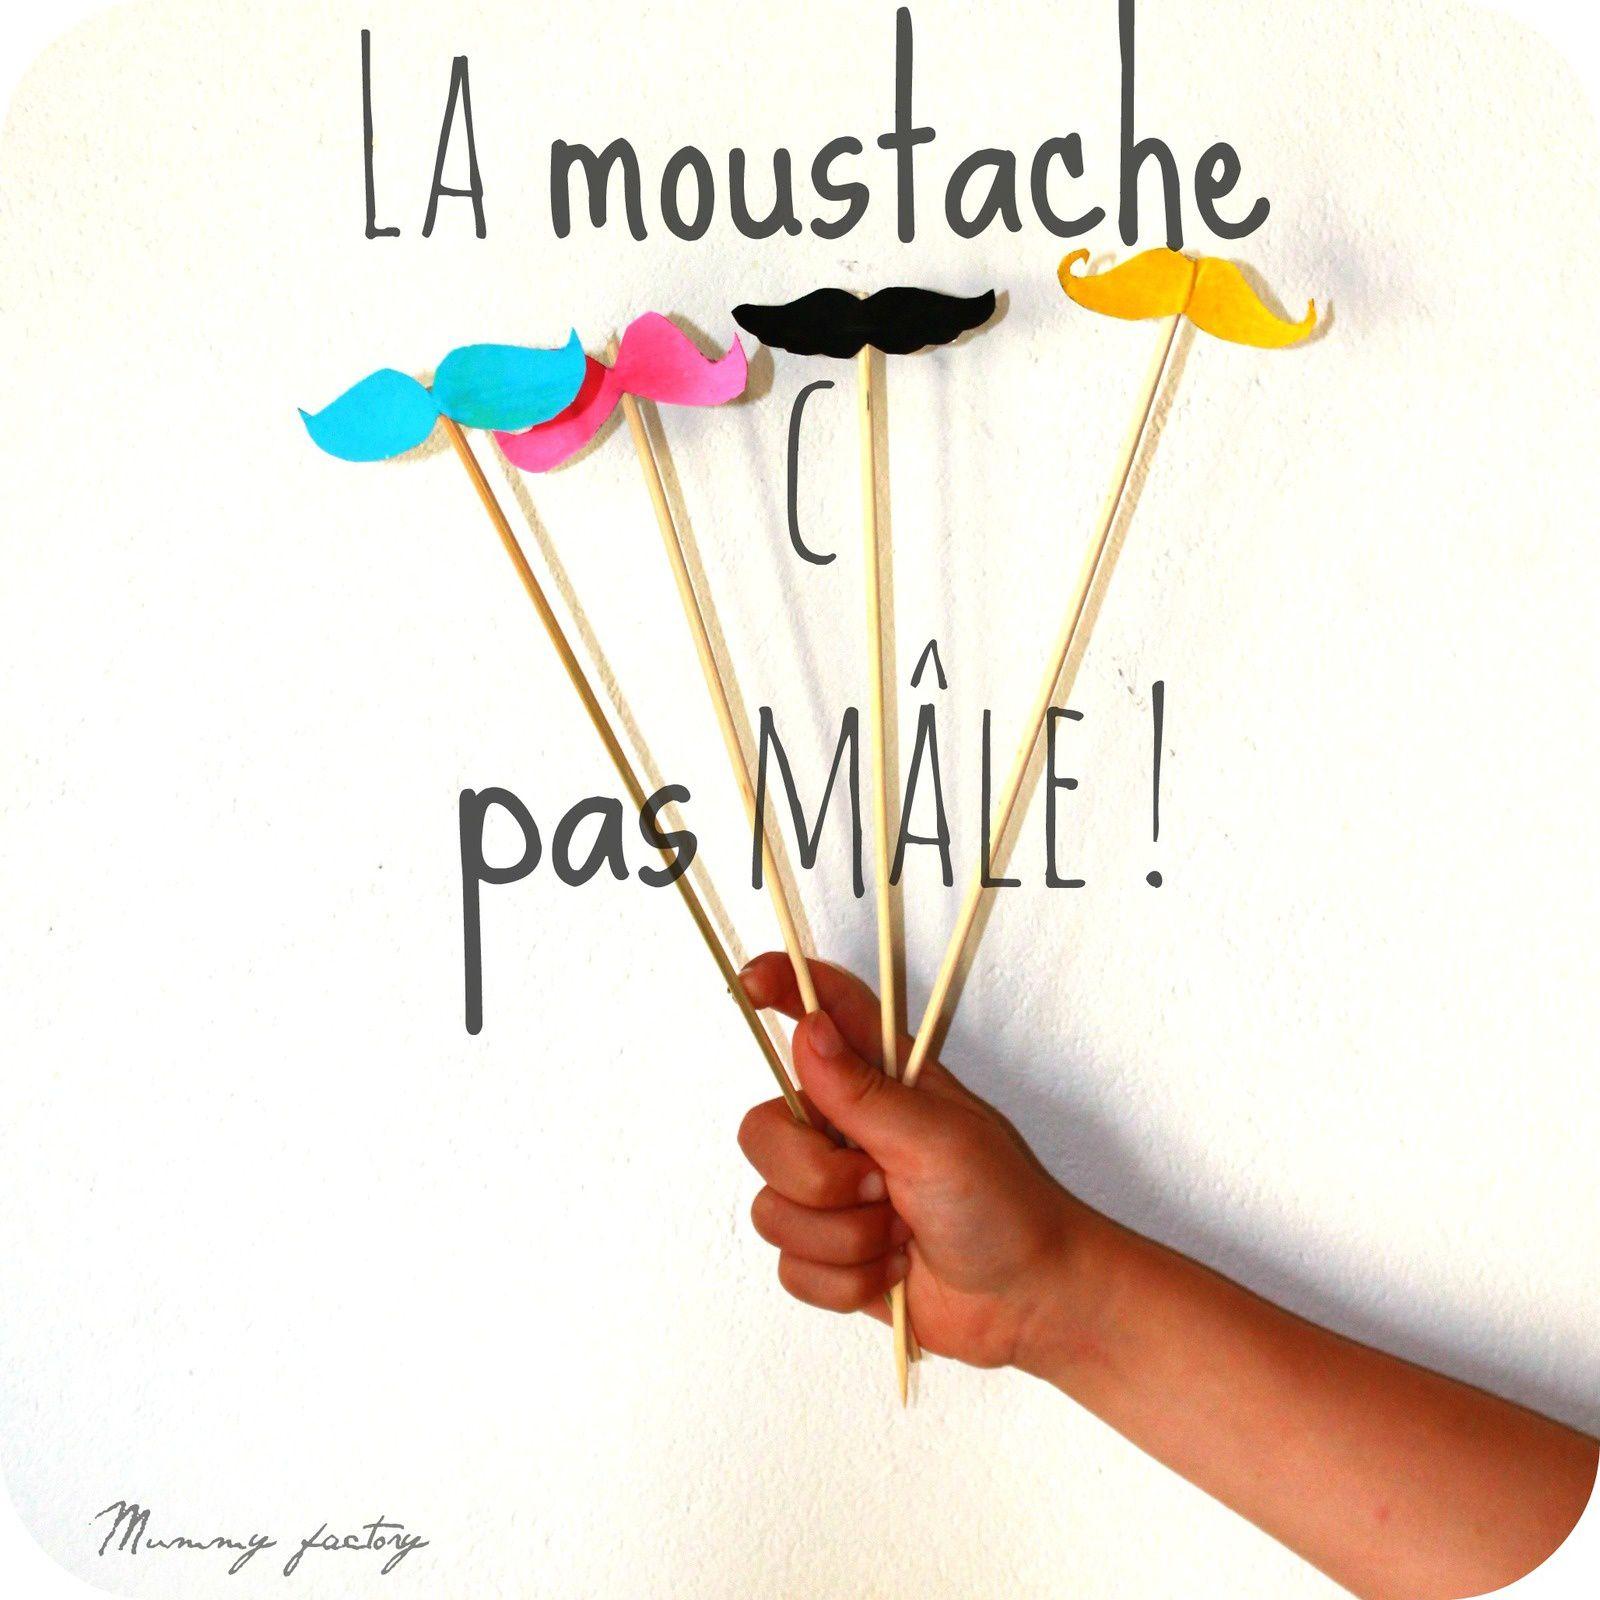 Sc &amp&#x3B; more #281 La moustache c'est mâle?